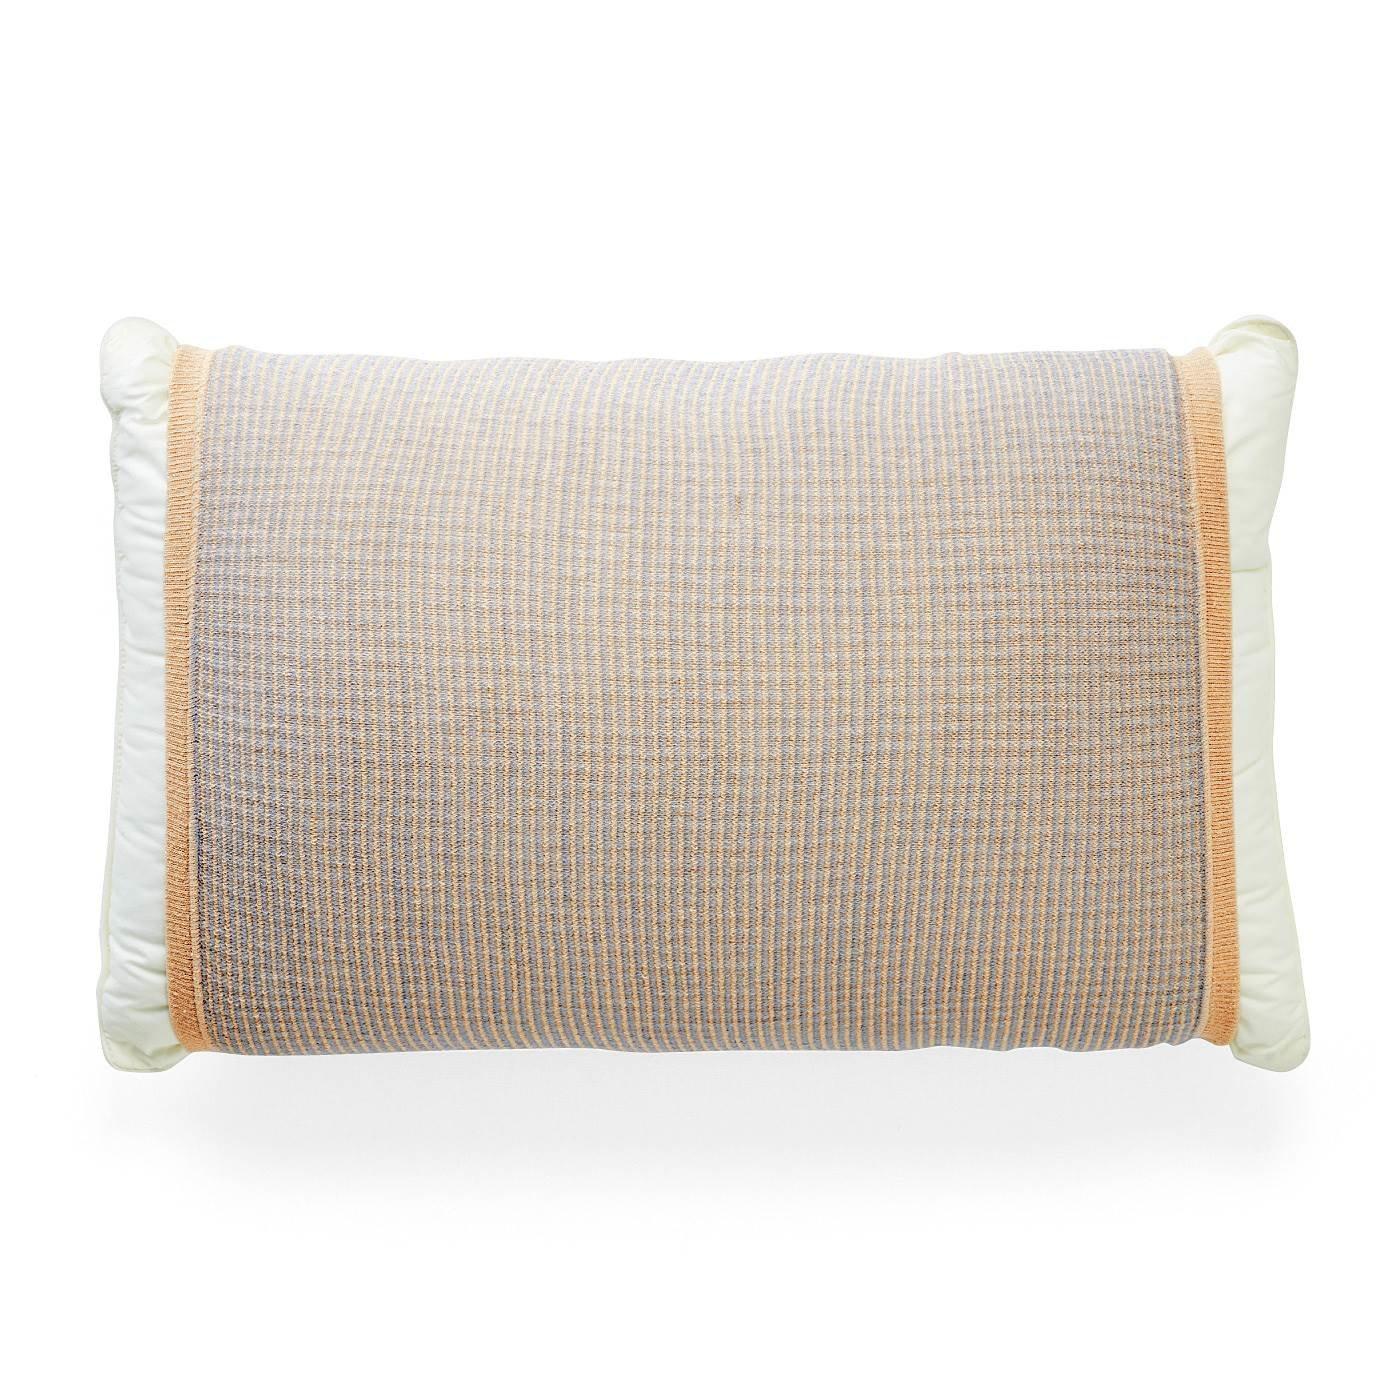 一枚一枚ていねいに仕立てて 肌がよろこぶ ふっくらシルク混の枕カバーの会